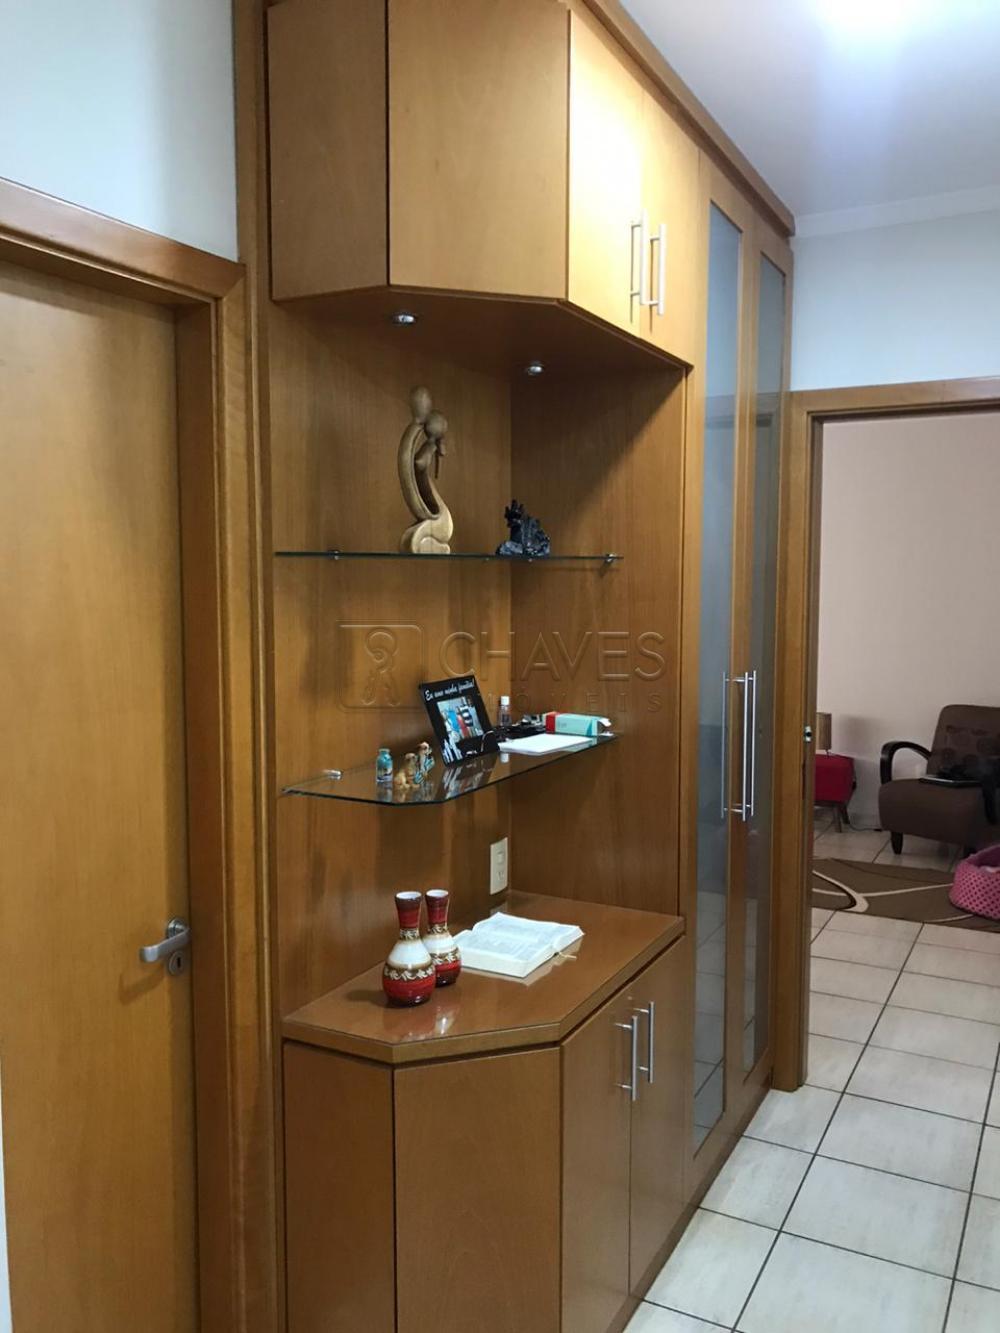 Comprar Apartamento / Padrão em Ribeirão Preto apenas R$ 650.000,00 - Foto 5